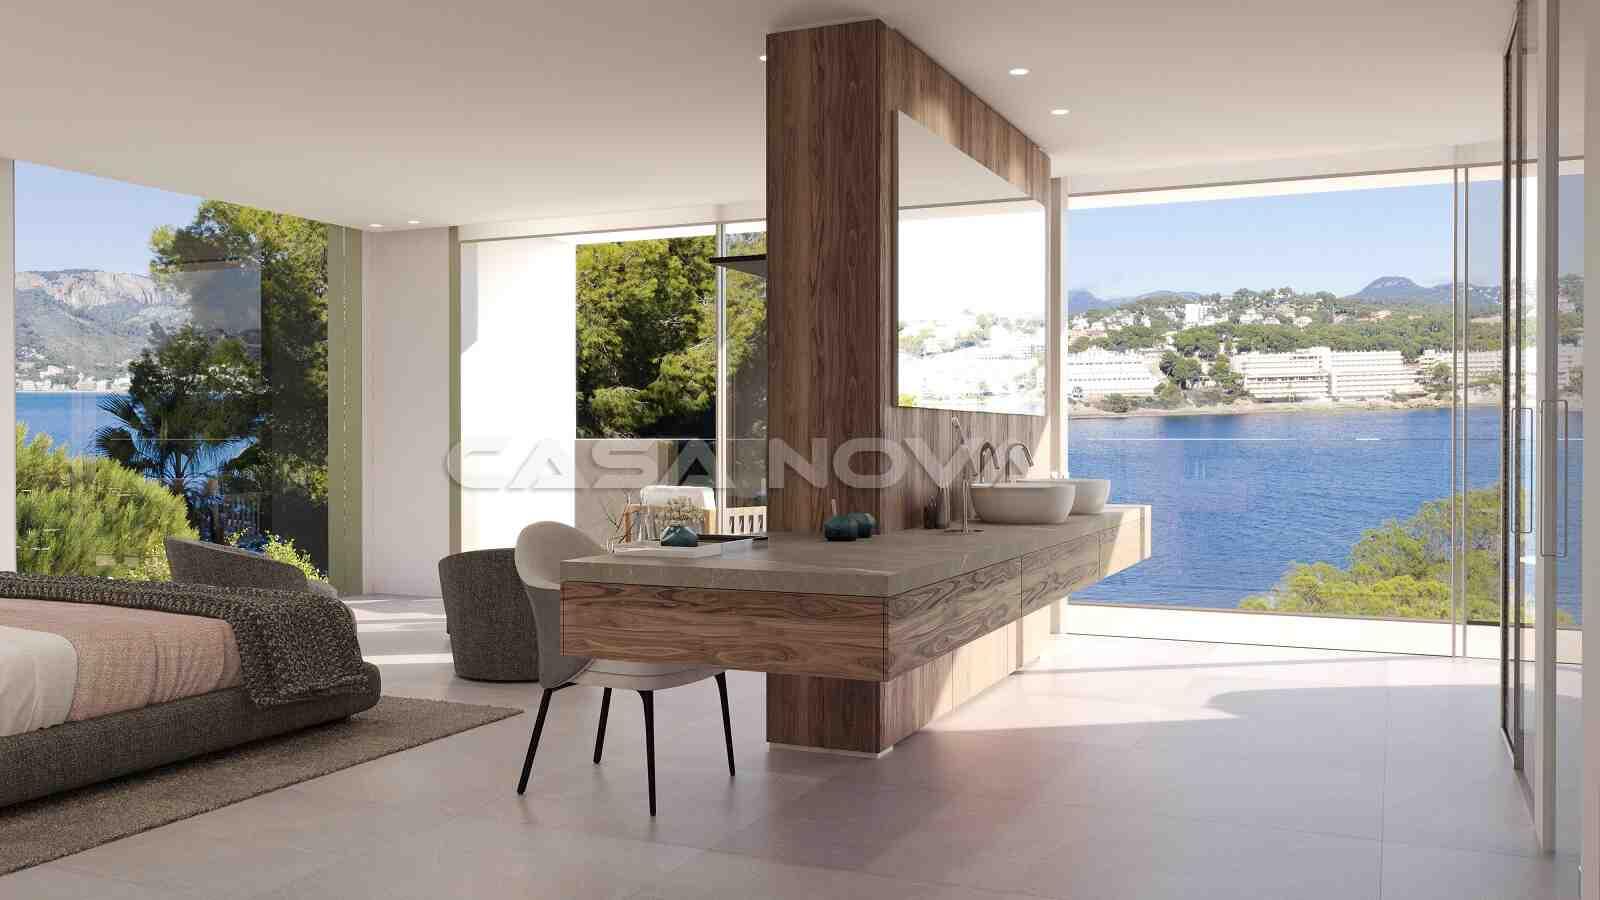 Großes Doppelschlafzimmer mit Terrassenzugang